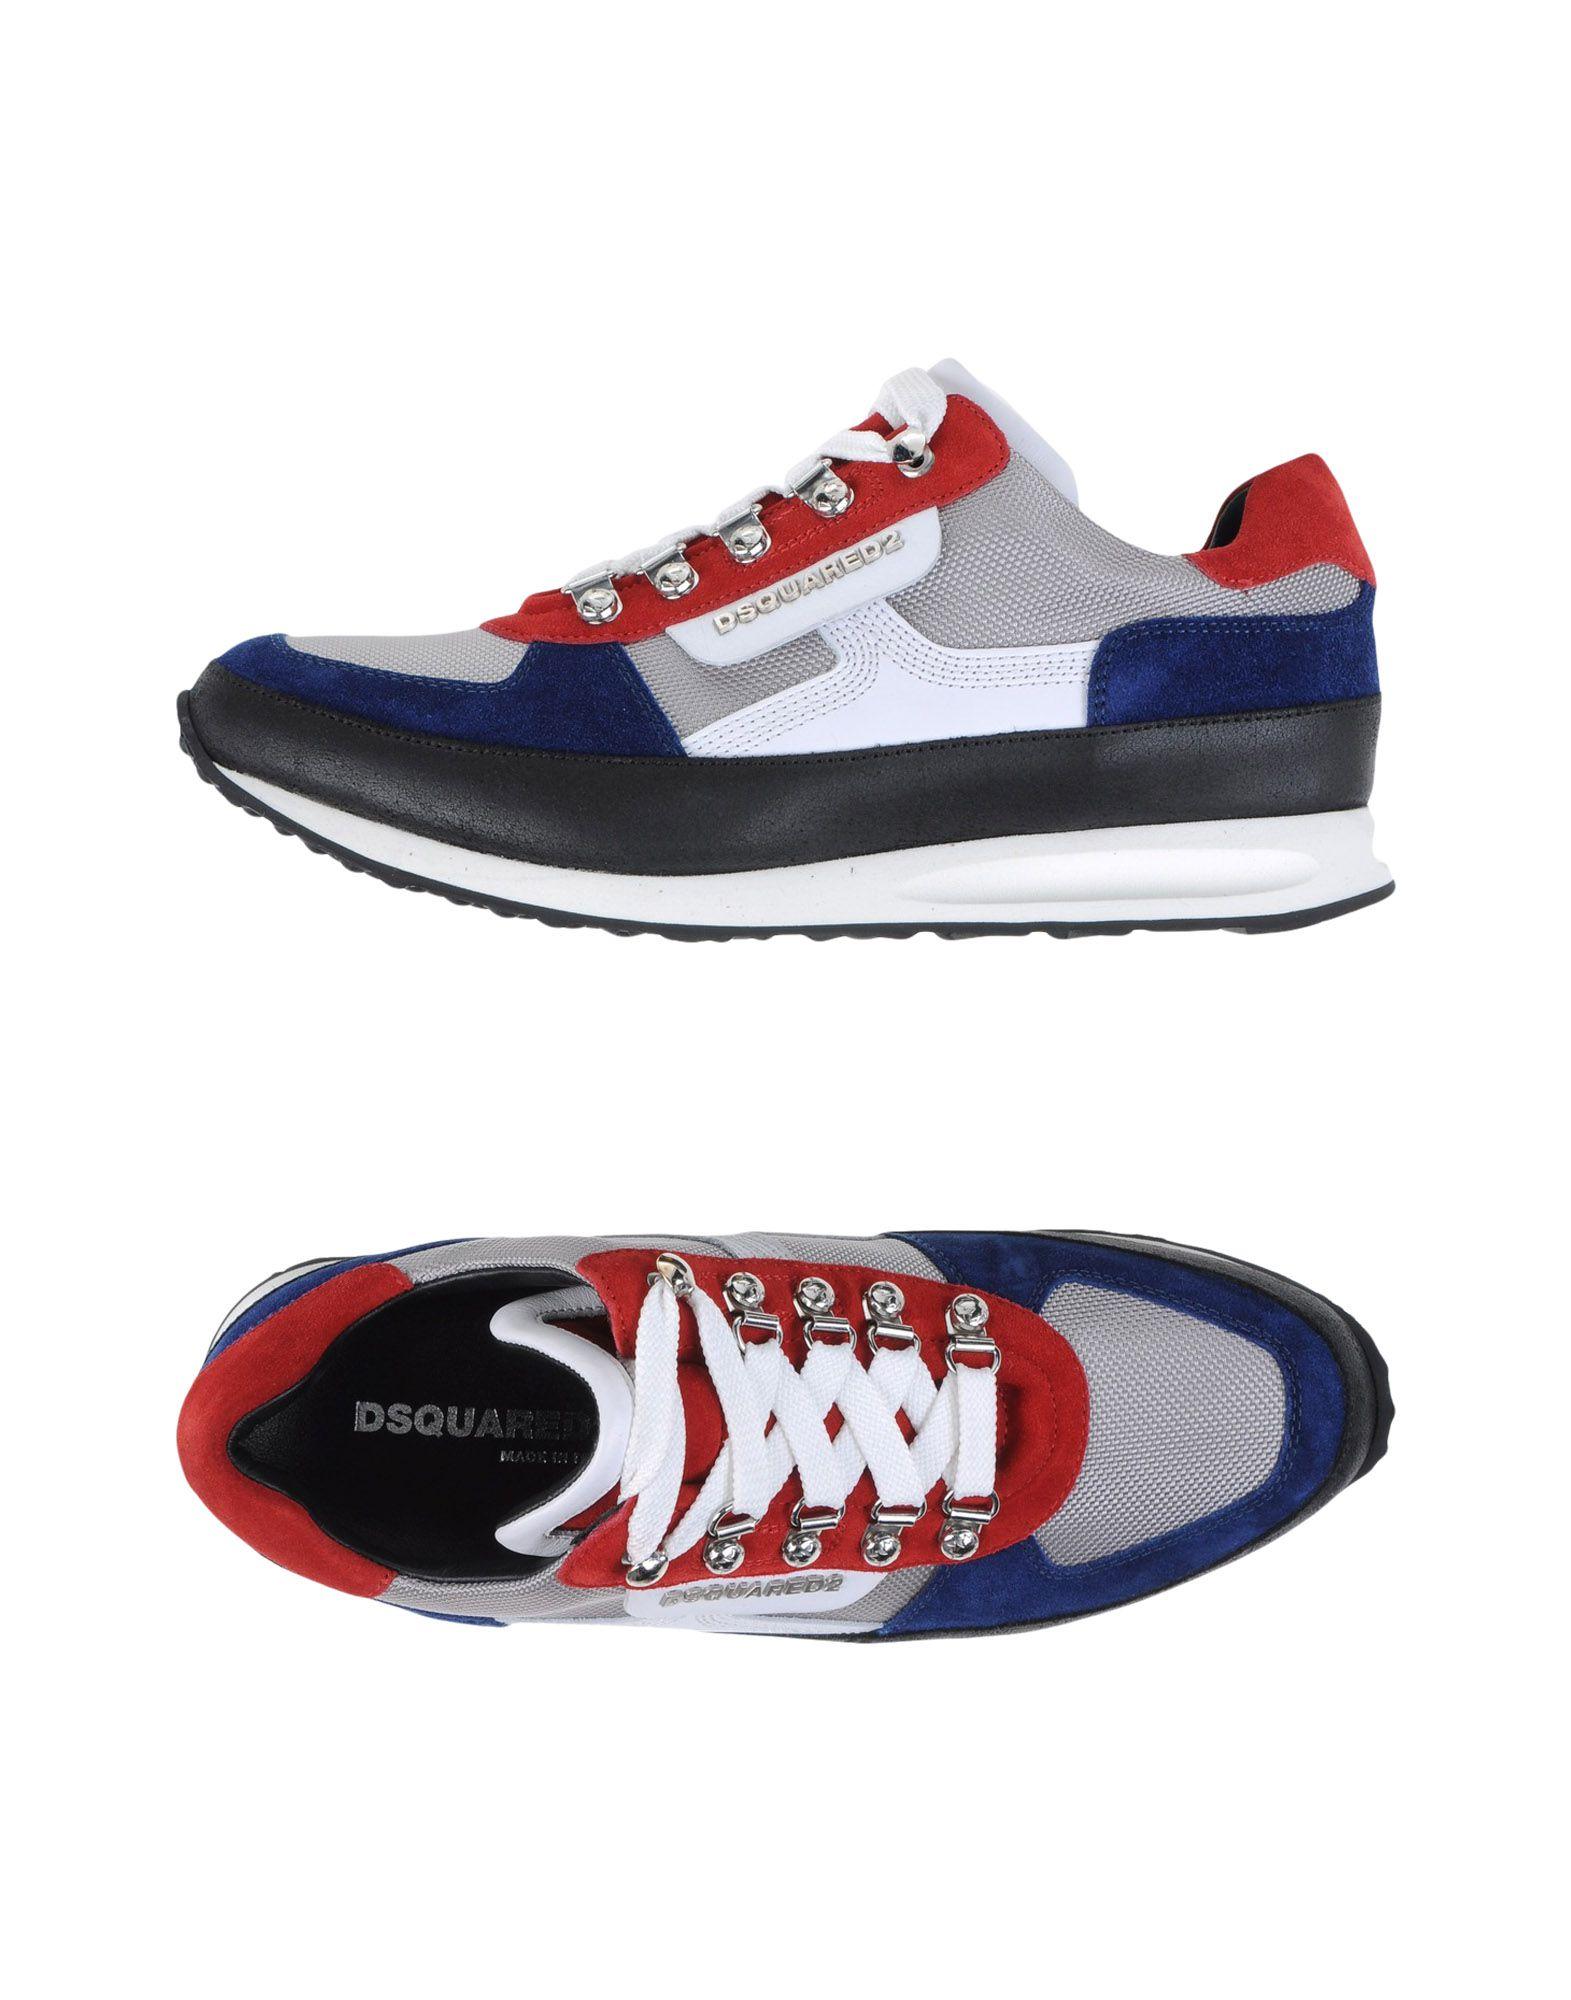 Rabatt Schuhe Dsquared2 Sneakers  Damen  Sneakers 11082273EX 525b47